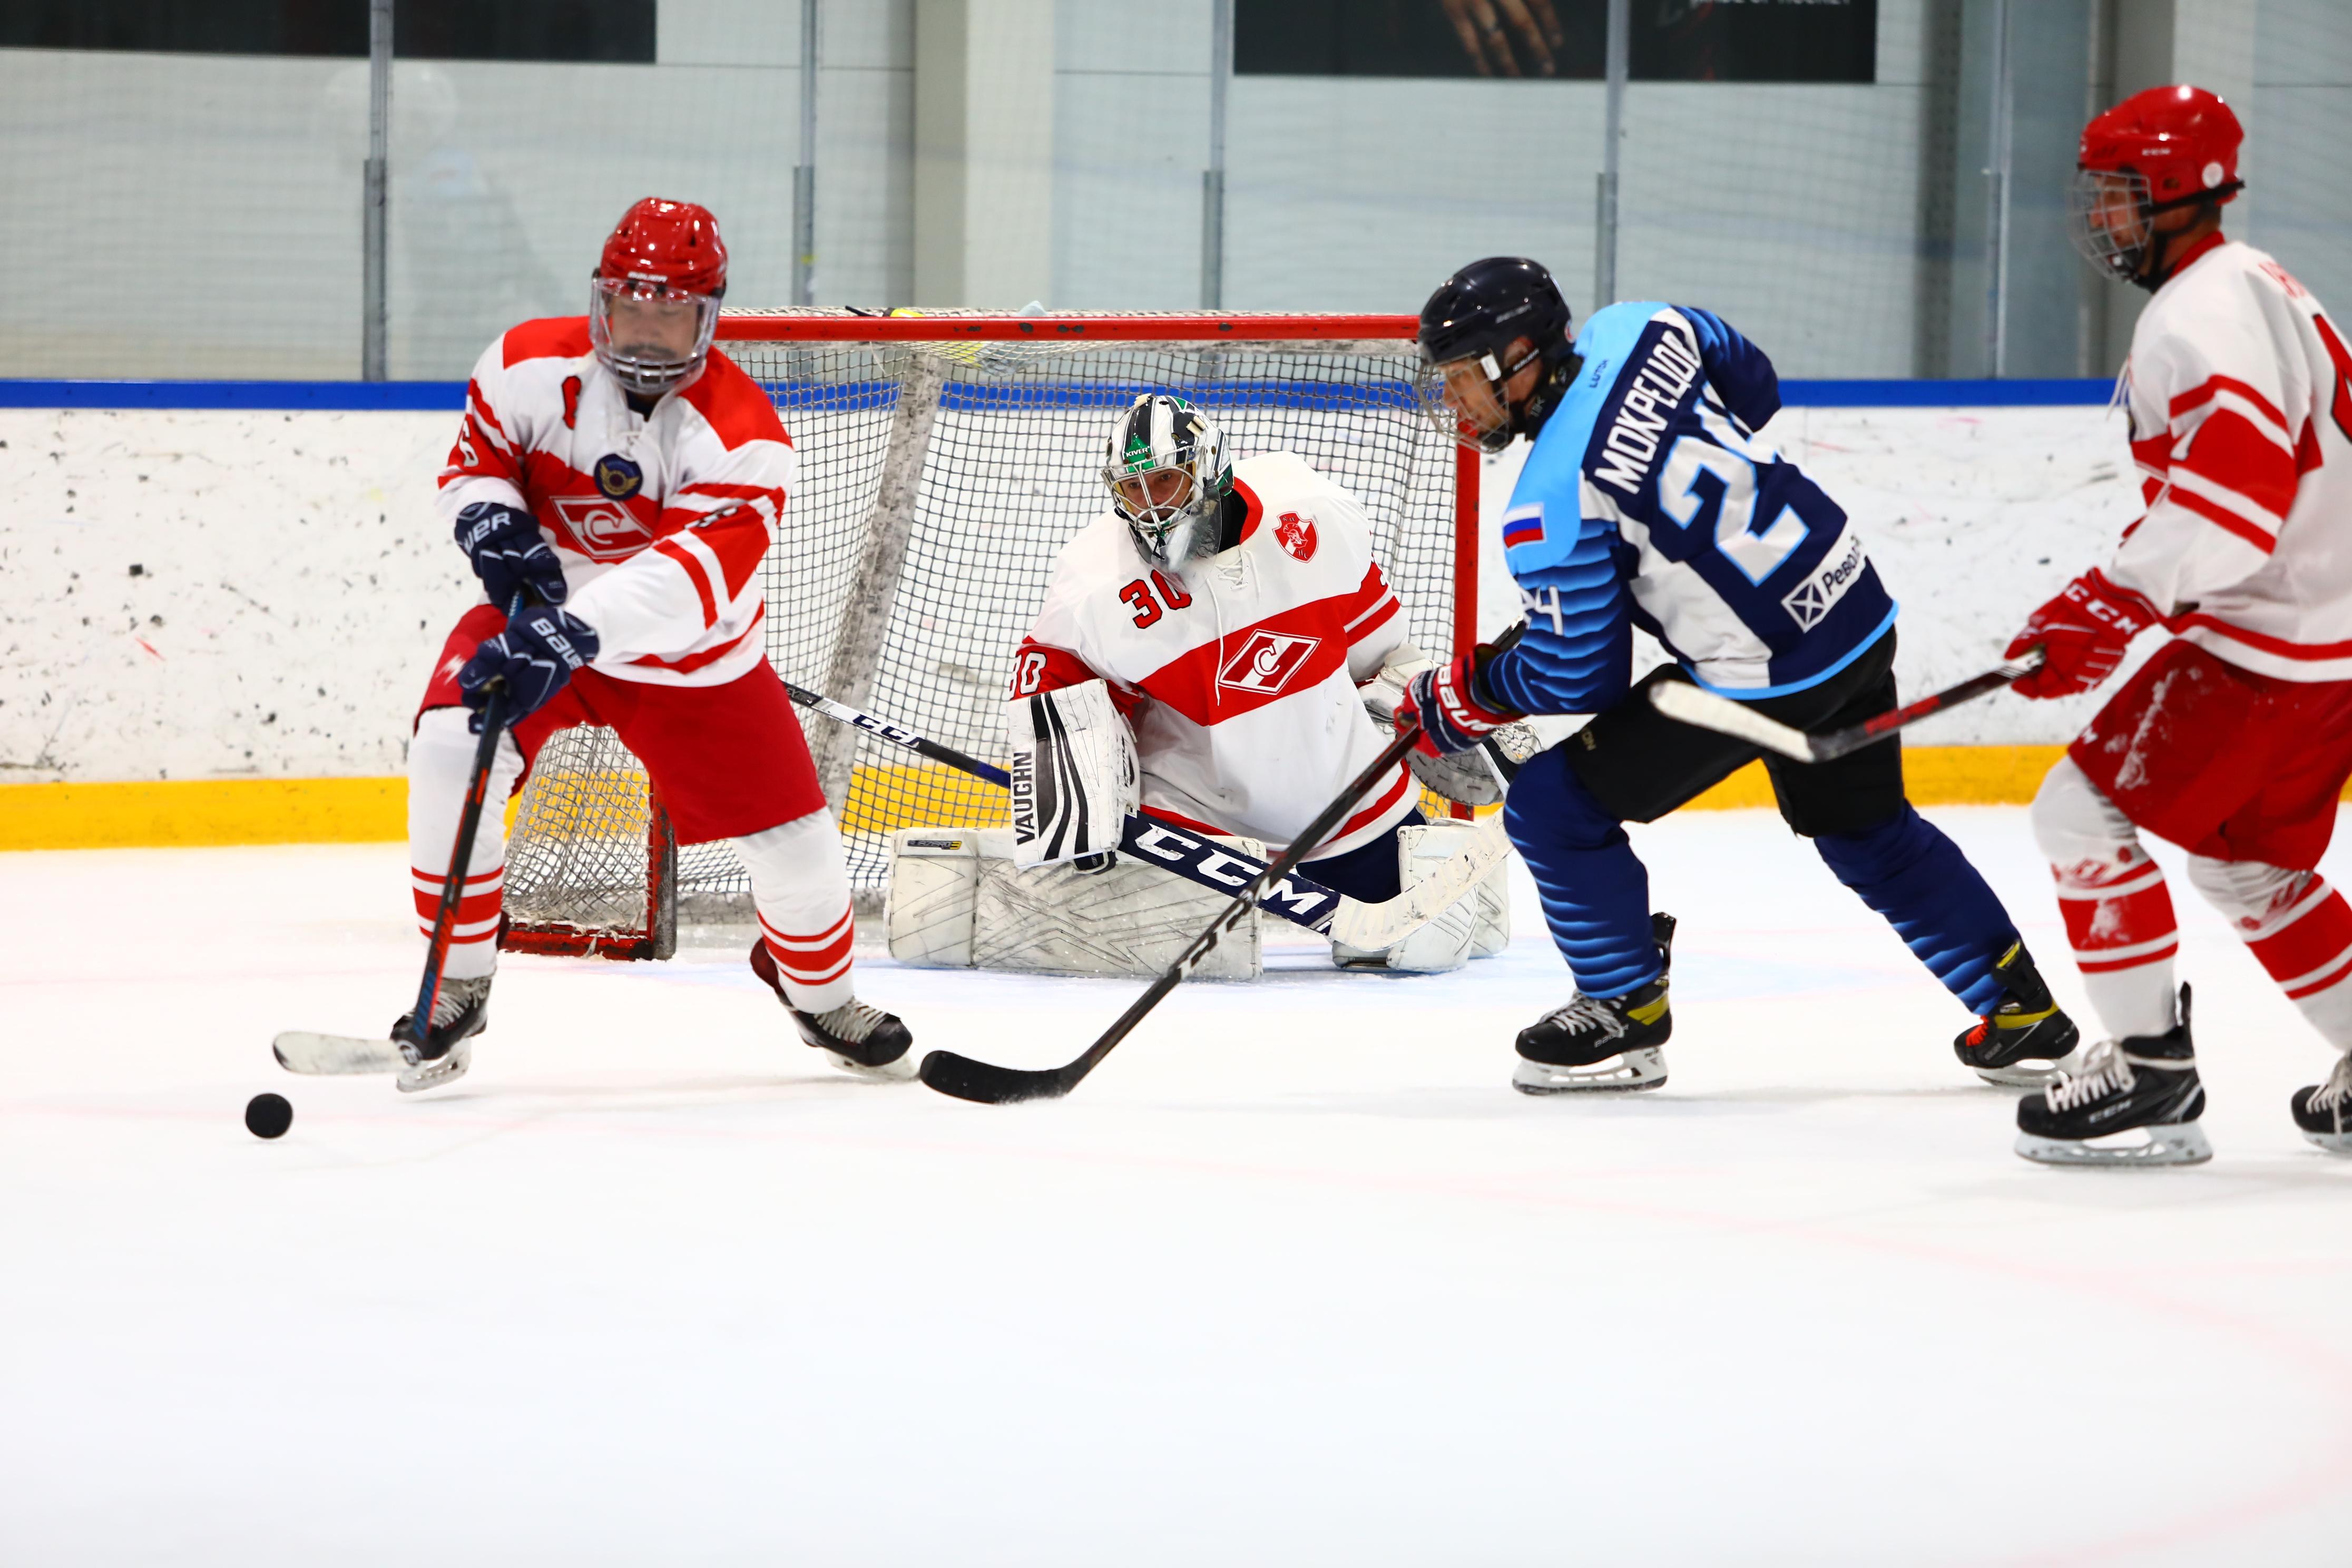 Крупные победы и боевые матчи самого масштабного предсезонного турнира Хоккейной Лиги «Трудовые Резервы»